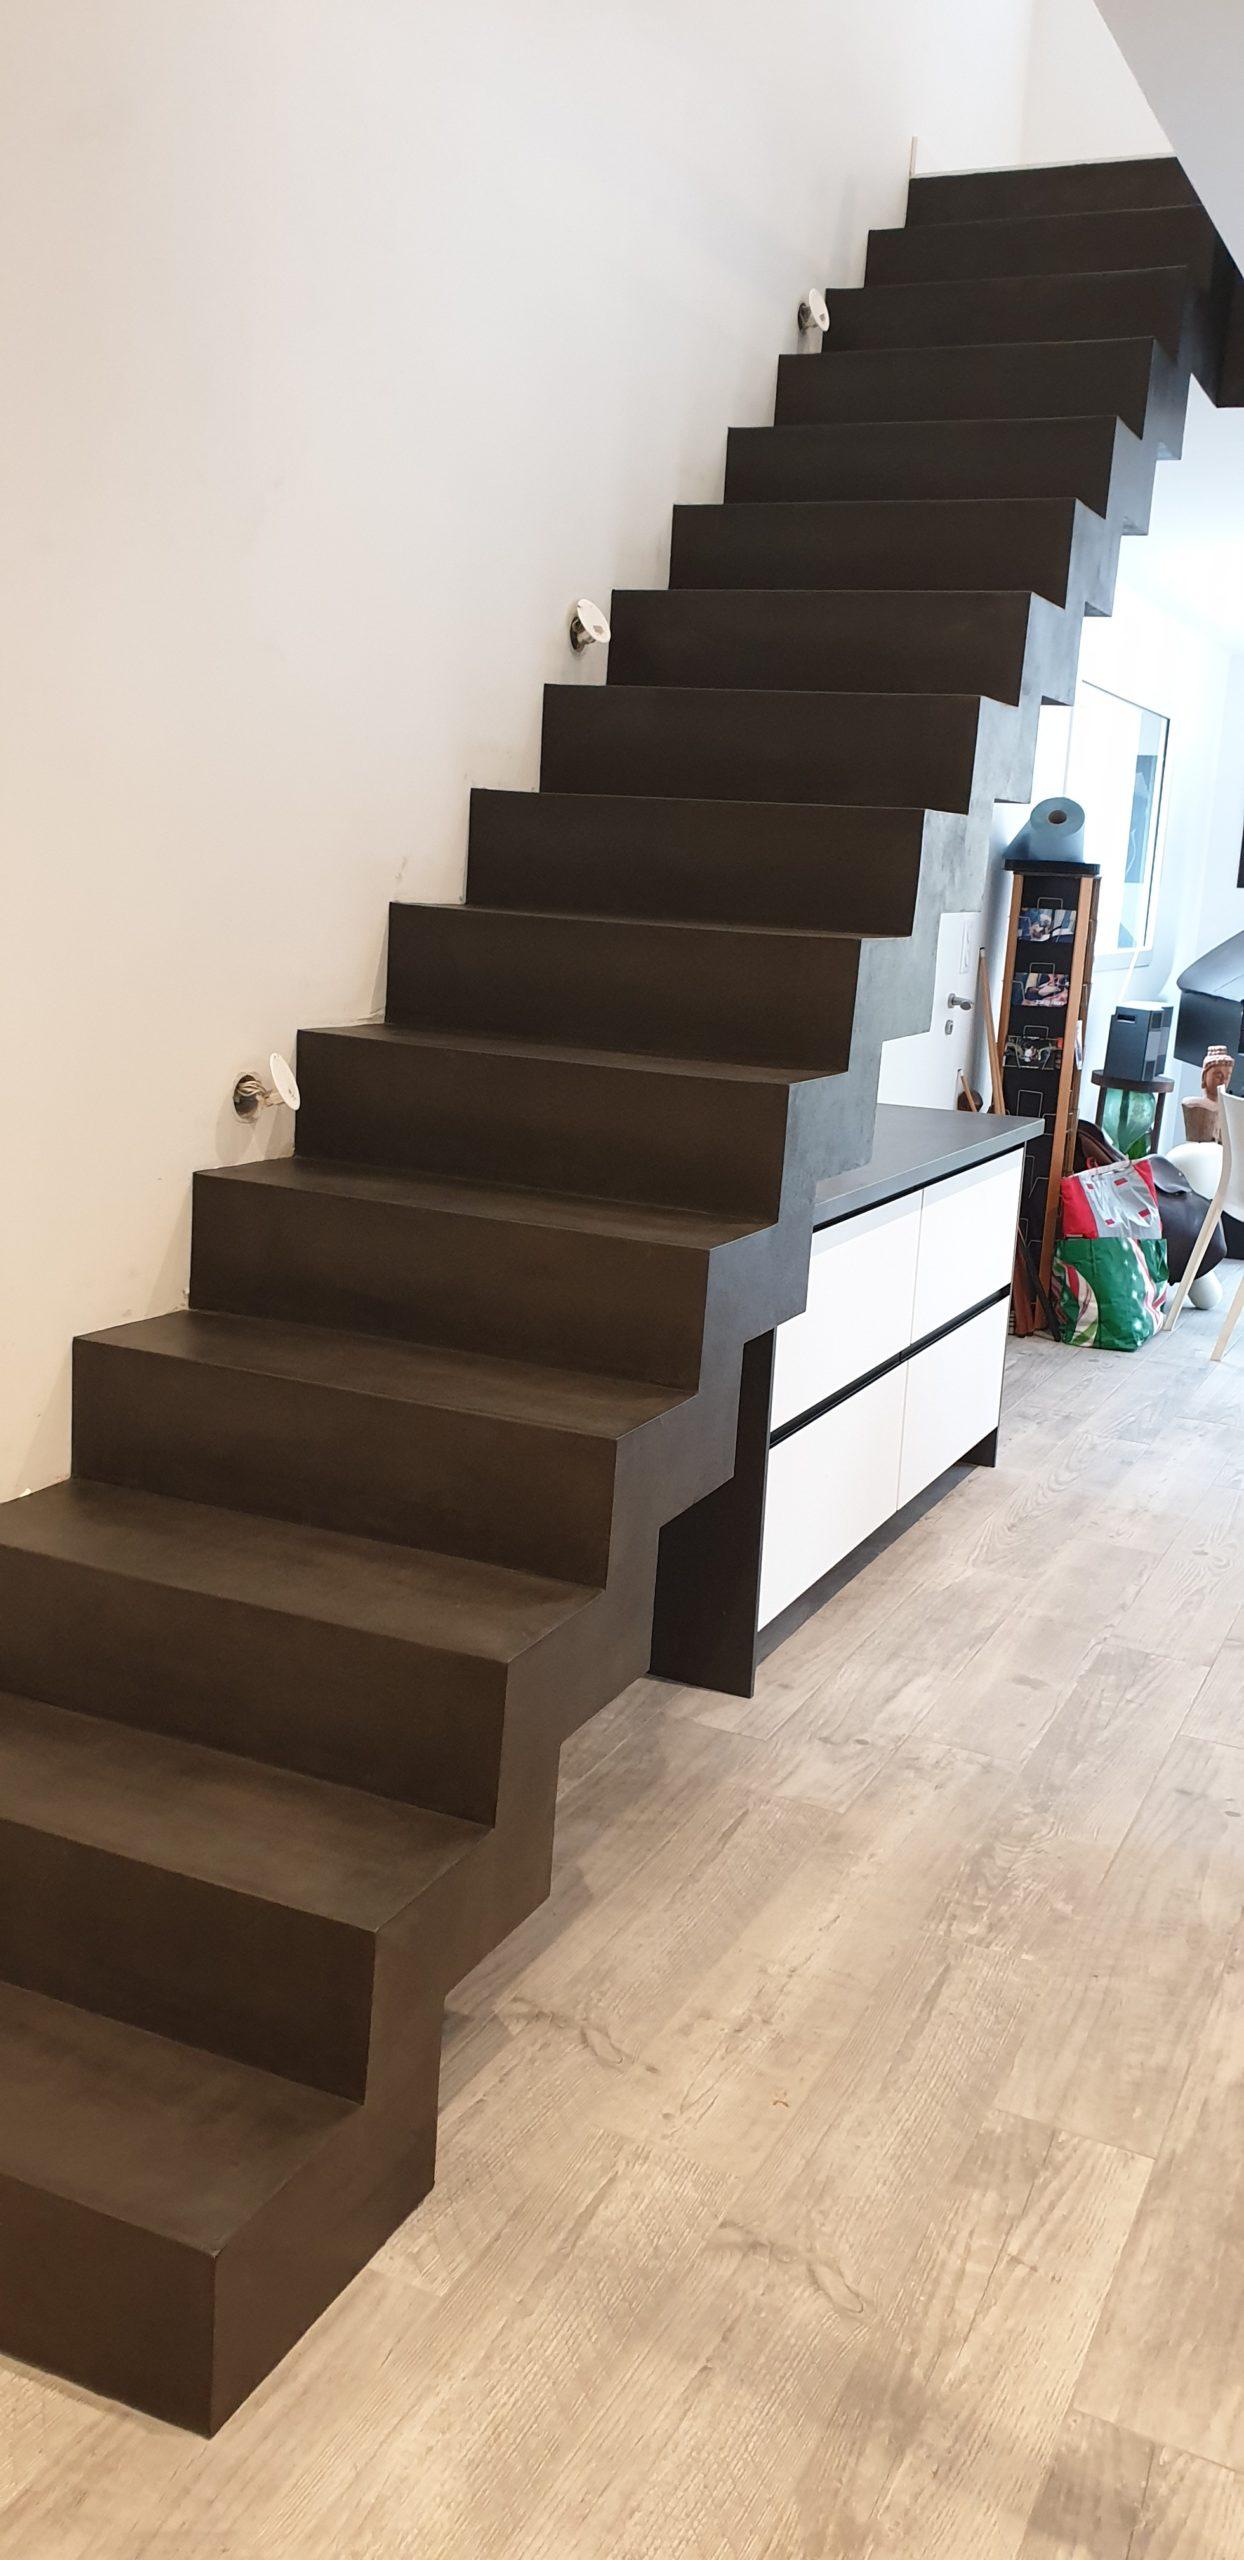 Réalisation d'un escalier béton en forme de crémaillère